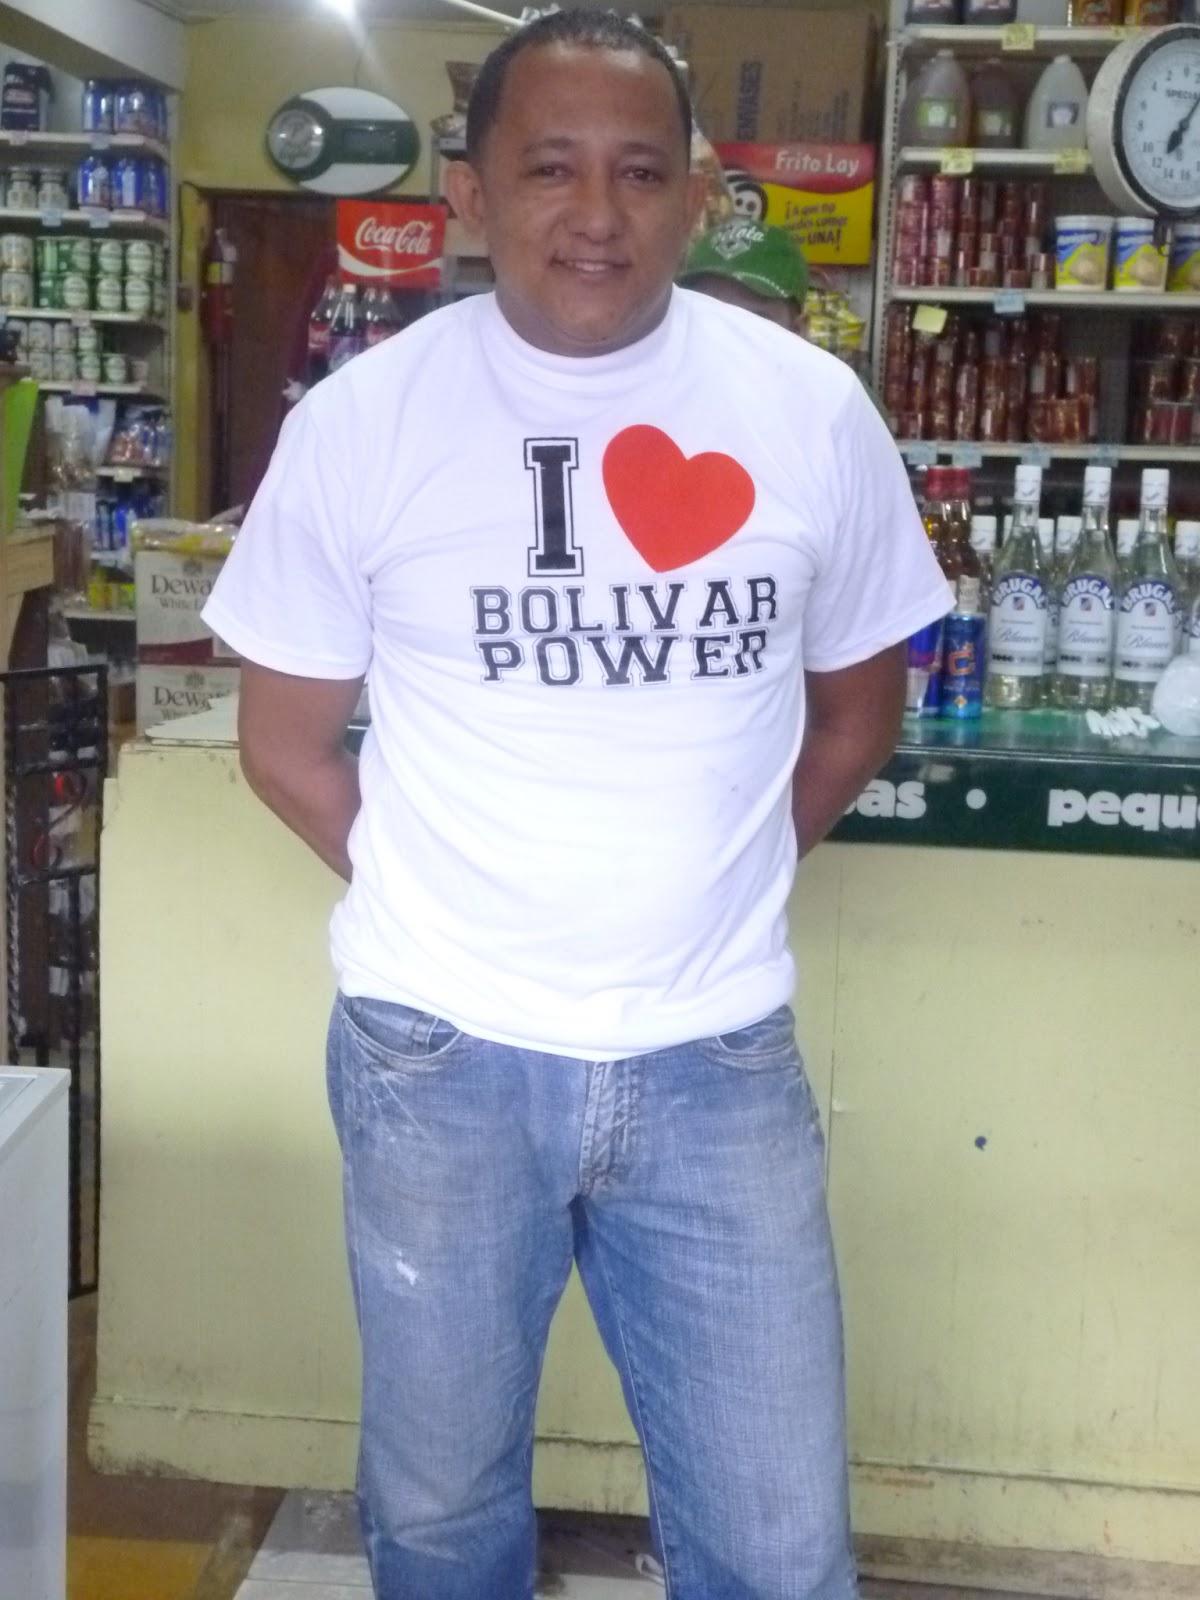 bolivarpower com esta muy agradecido por el apoyo brindado por el senor miguel colmadon con el uso de las camisetas de i bolivarpower bolivarpower bolivarpower